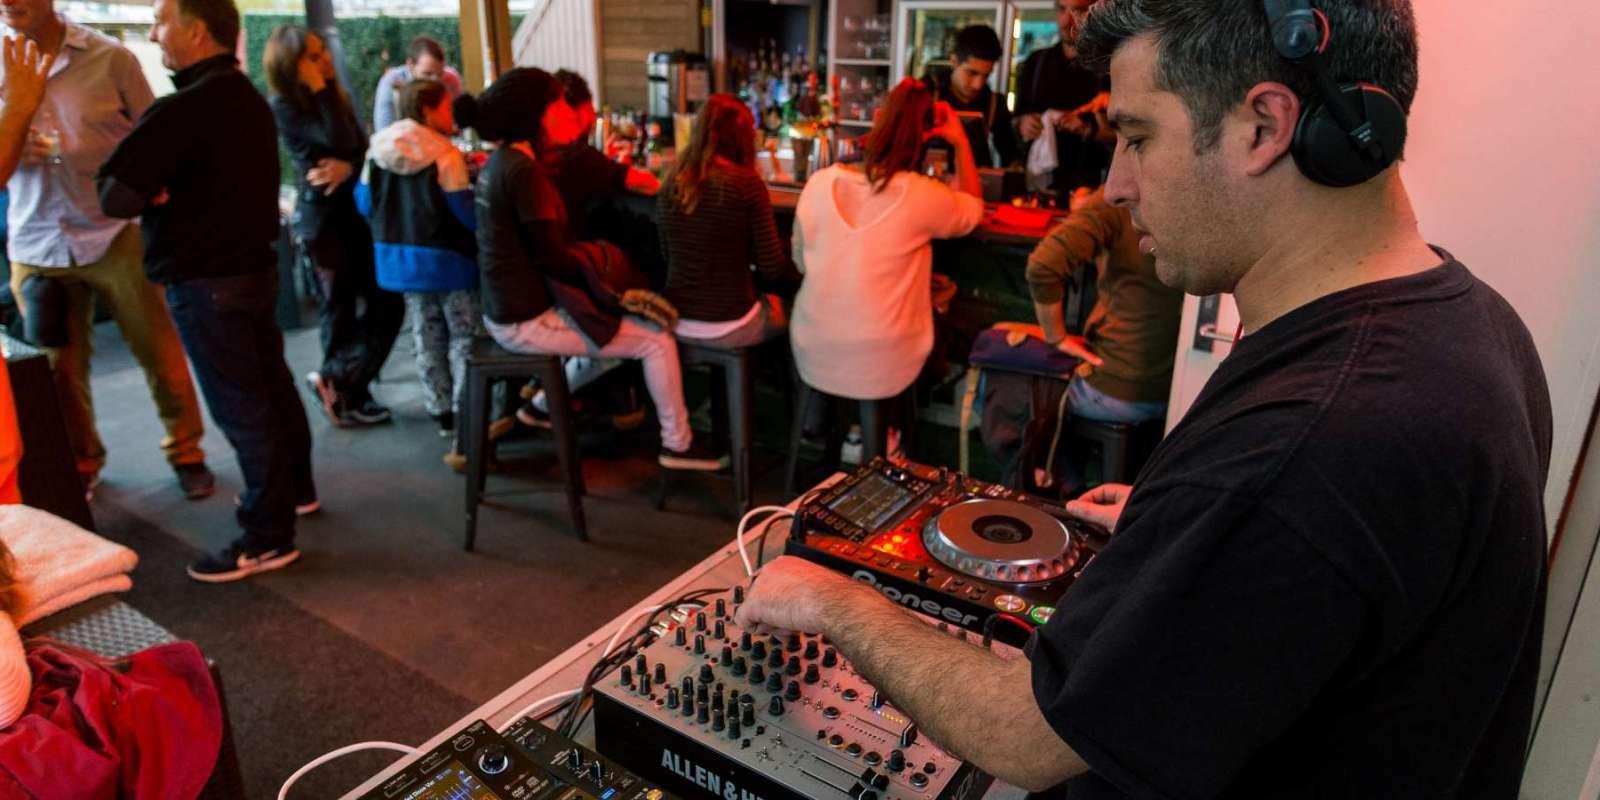 Sundeck DJ at Attiqua